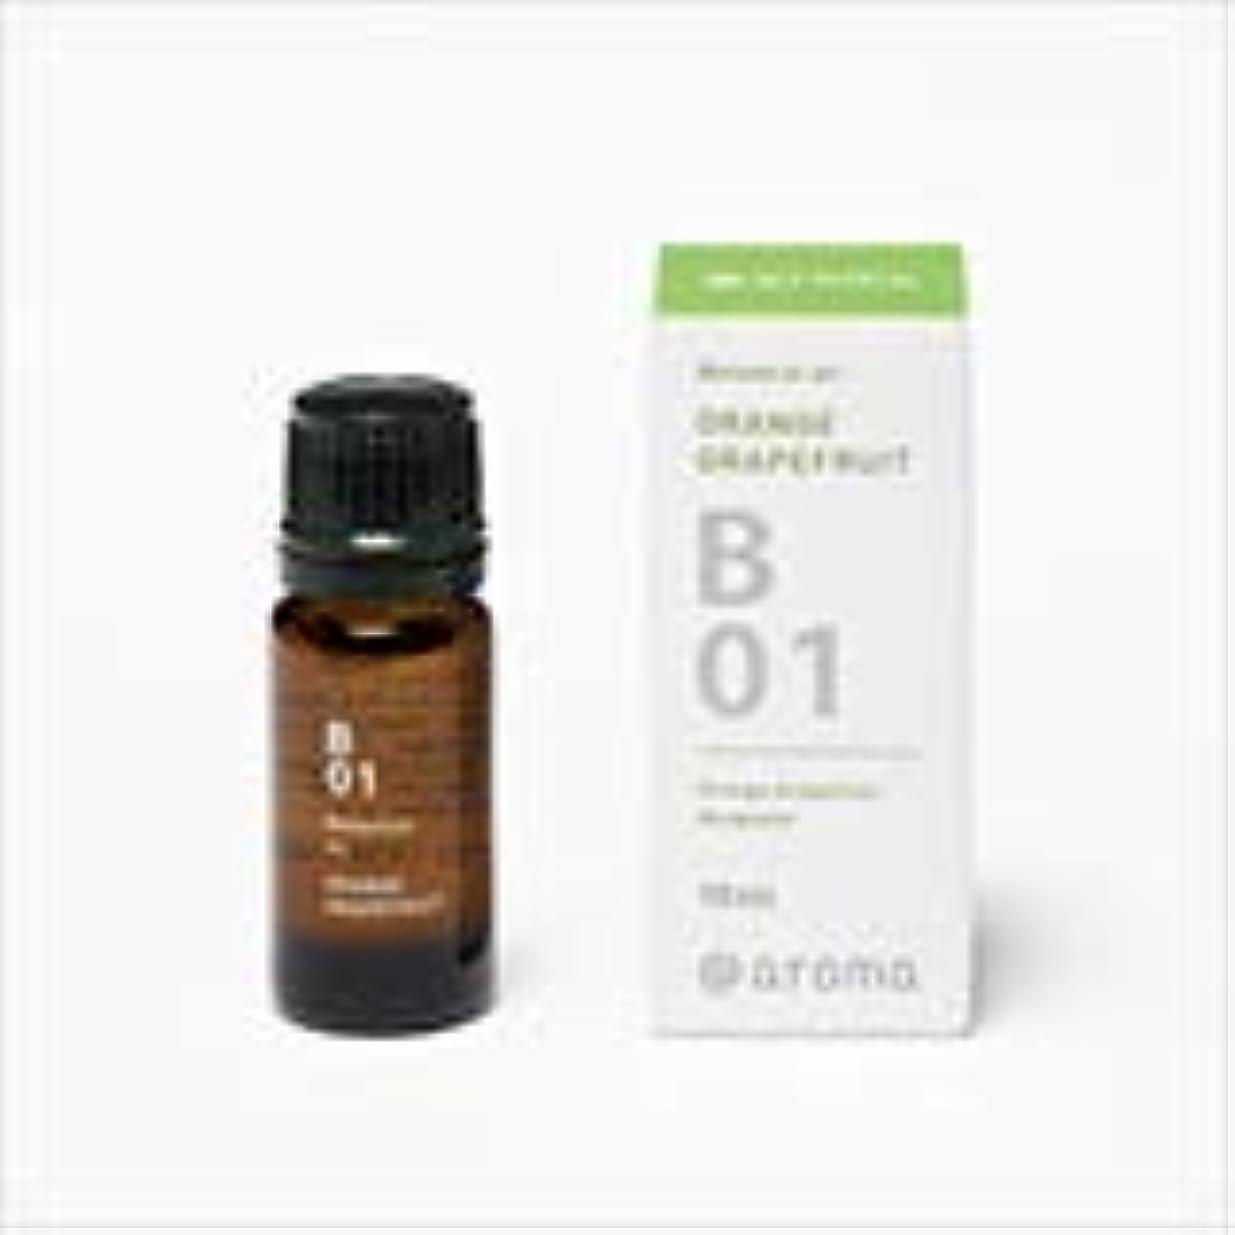 刻むハッピー飾り羽アットアロマ 100%pure essential oil <Botanical air ラベンダーミント>